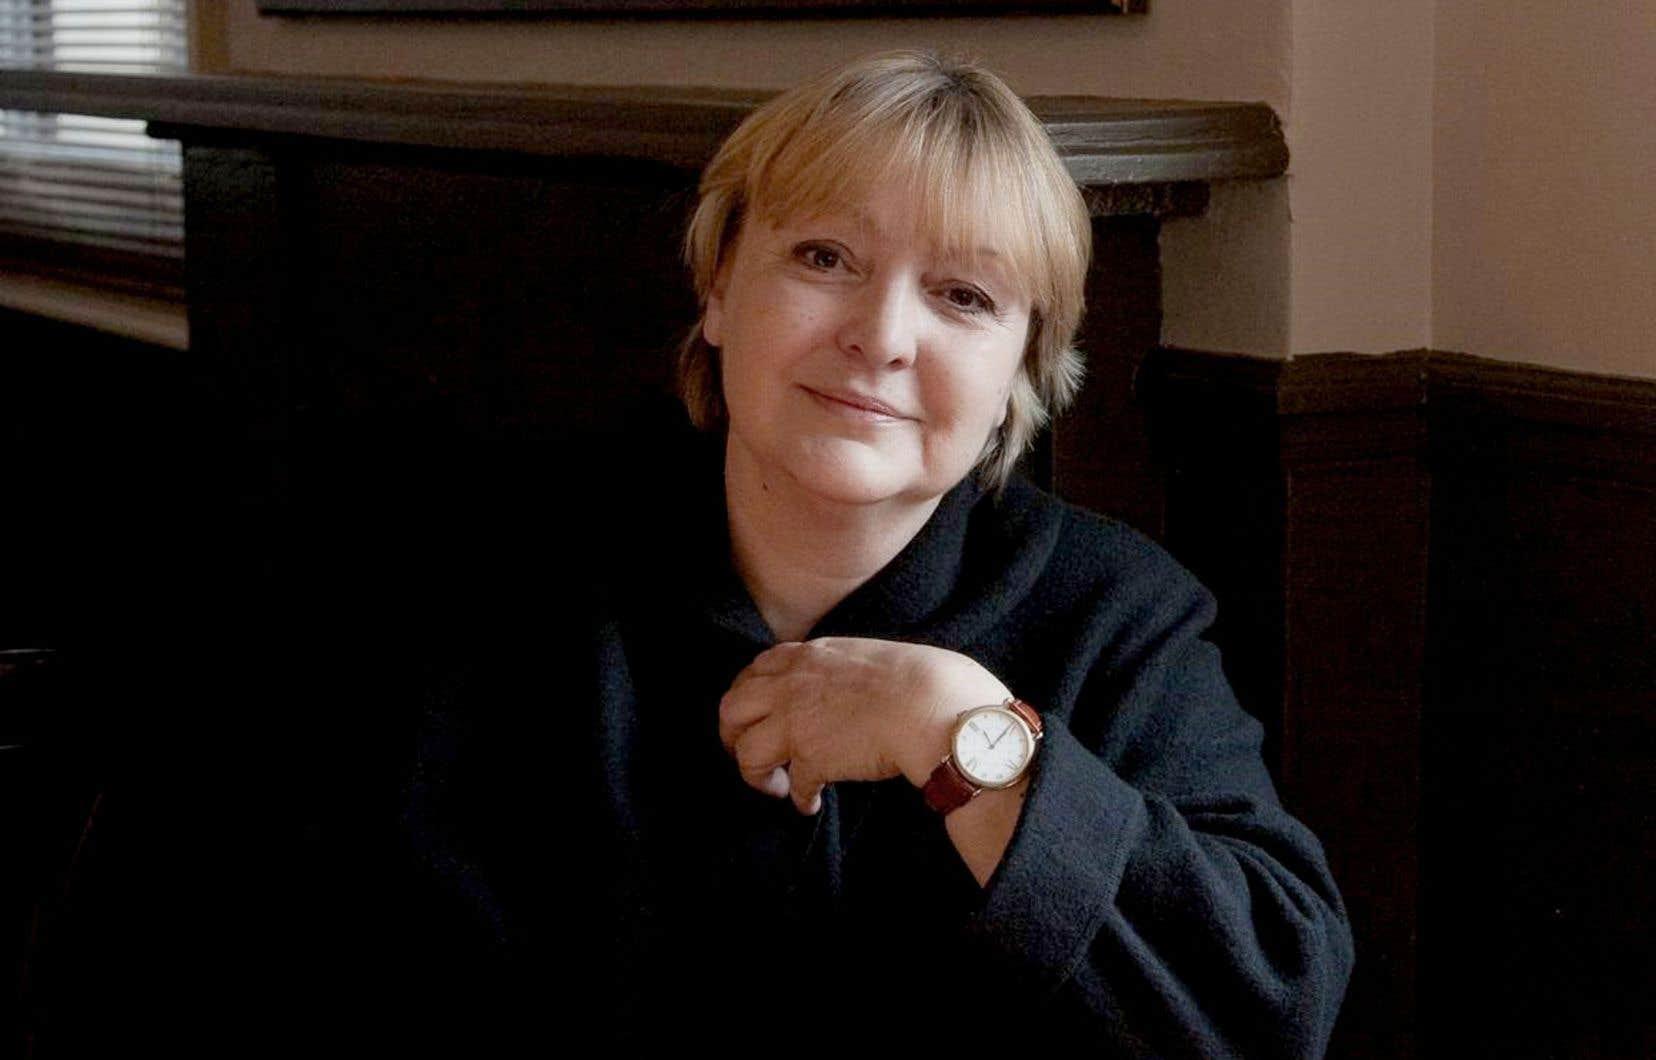 Dans plusieurs de ses livres traduits en français, Dubravka Ugrešić explore, comme elle le fait par moments dans«Baba Yaga a pondu un œuf», les multiples dimensions de l'exil et de la «Yougonostalgie».